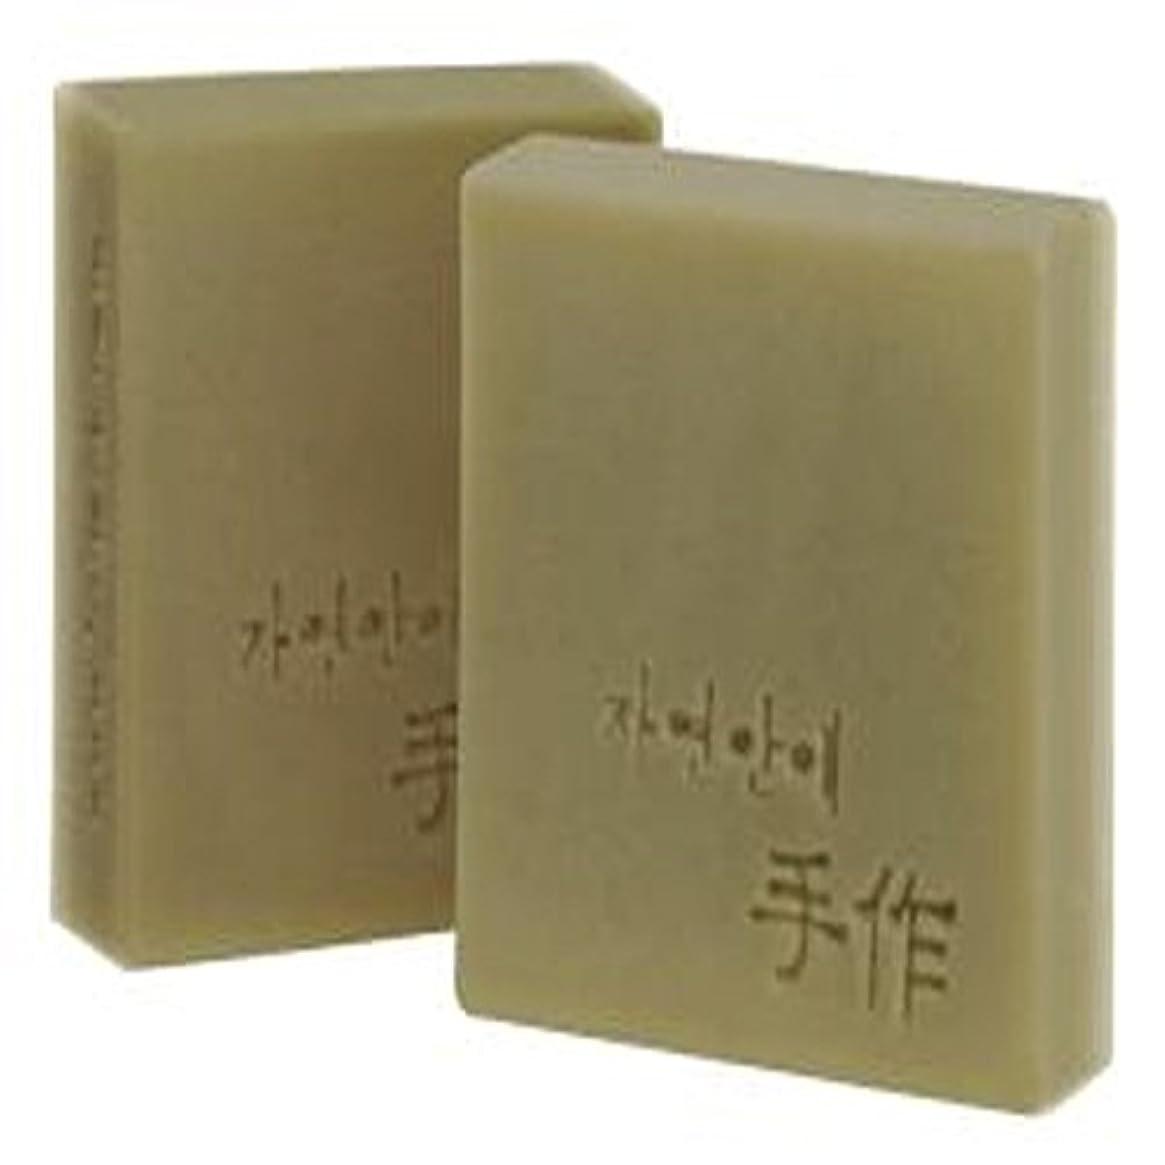 指標デクリメントマーチャンダイザーNatural organic 有機天然ソープ 固形 無添加 洗顔せっけんクレンジング 石鹸 [並行輸入品] (アプリコット)